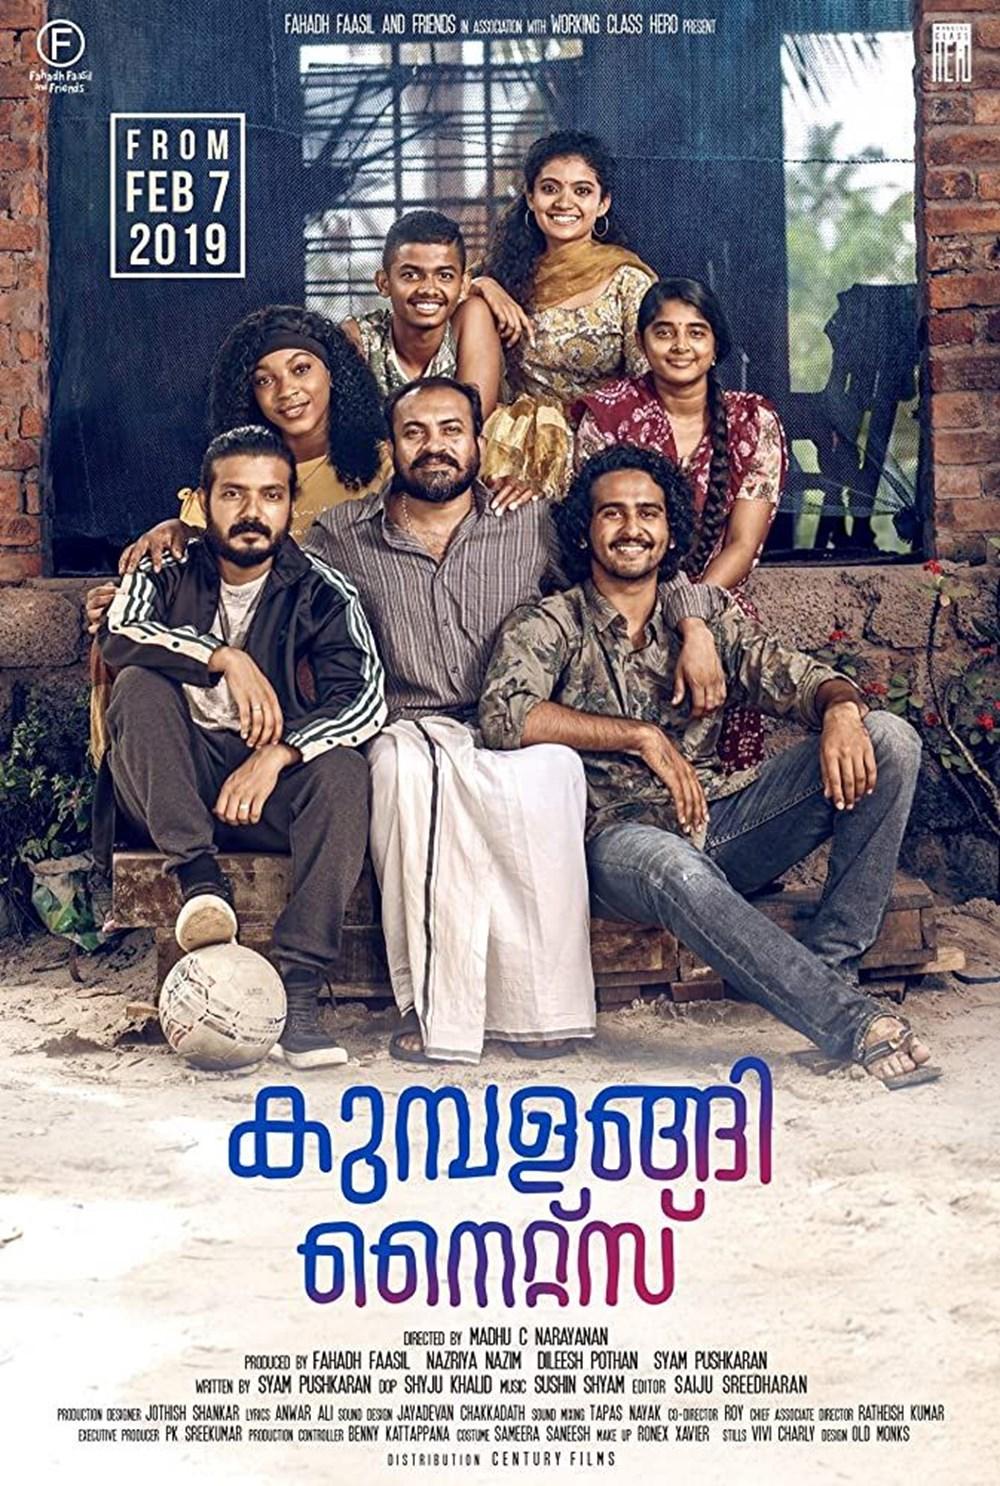 En iyi Hint filmleri - IMDb verileri (Bollywood sineması) - 36